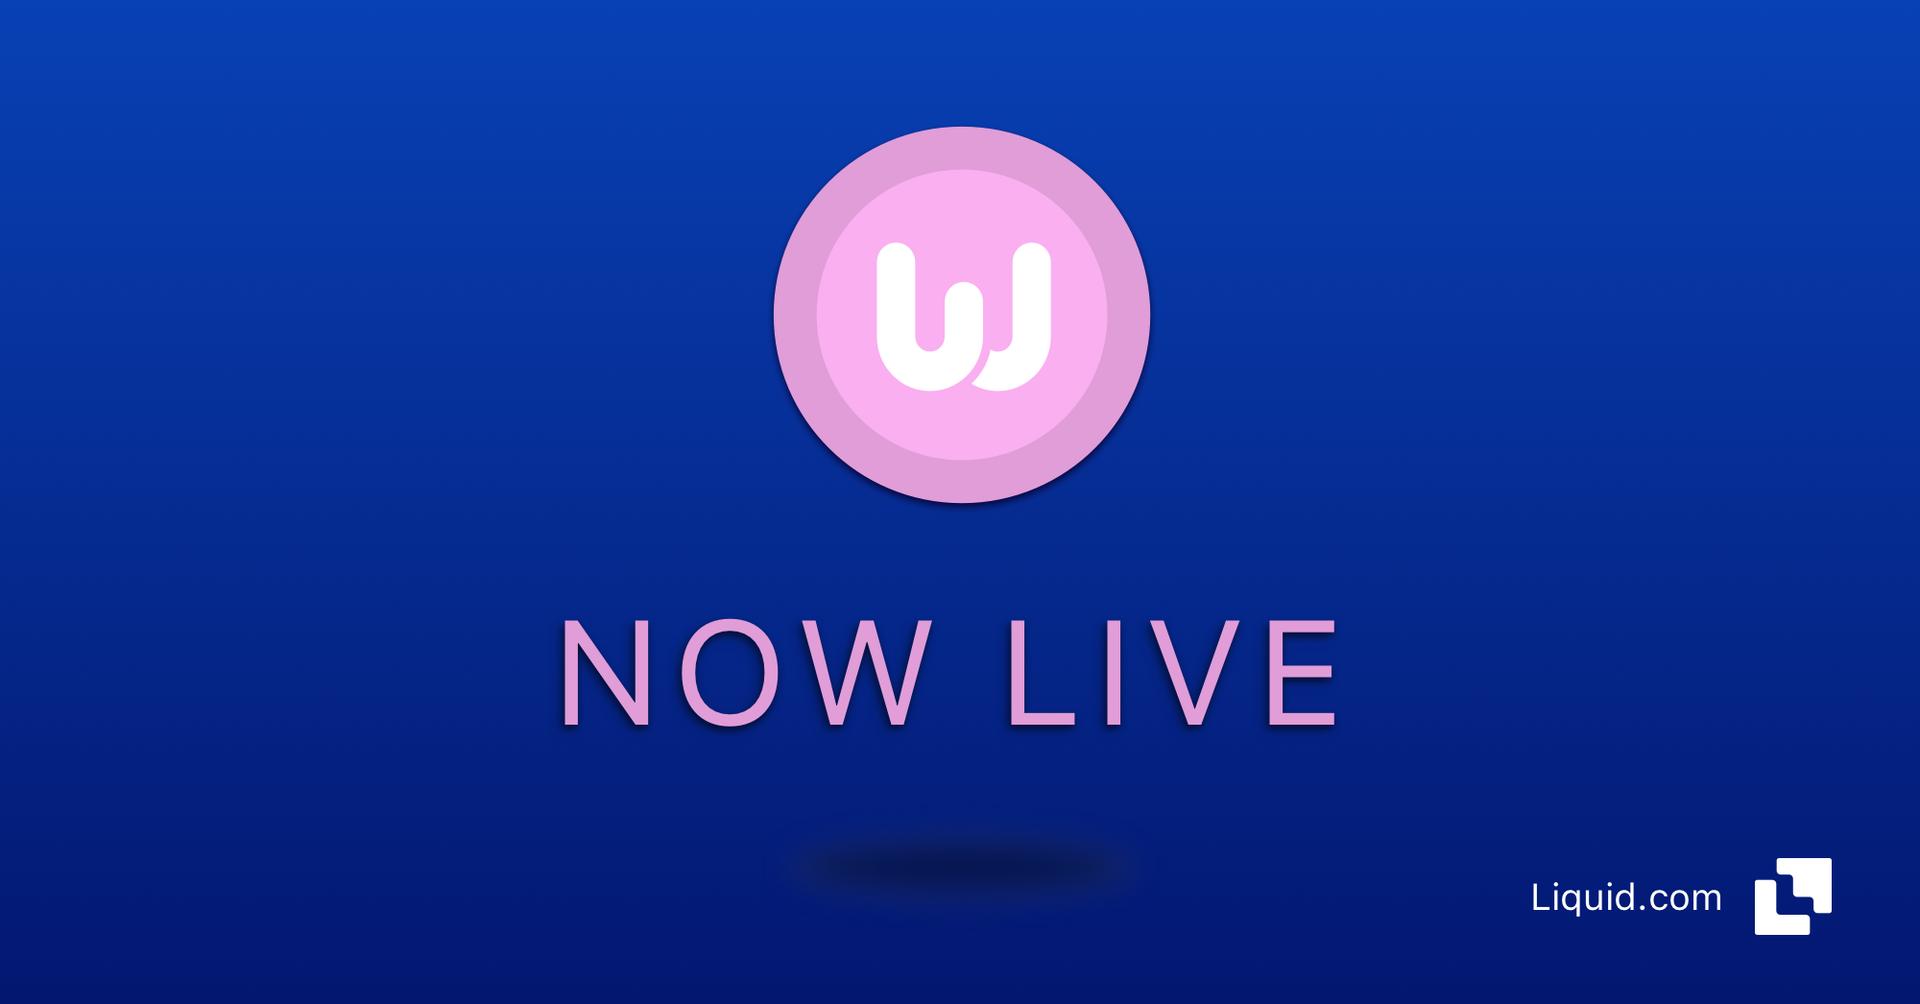 wlo now live